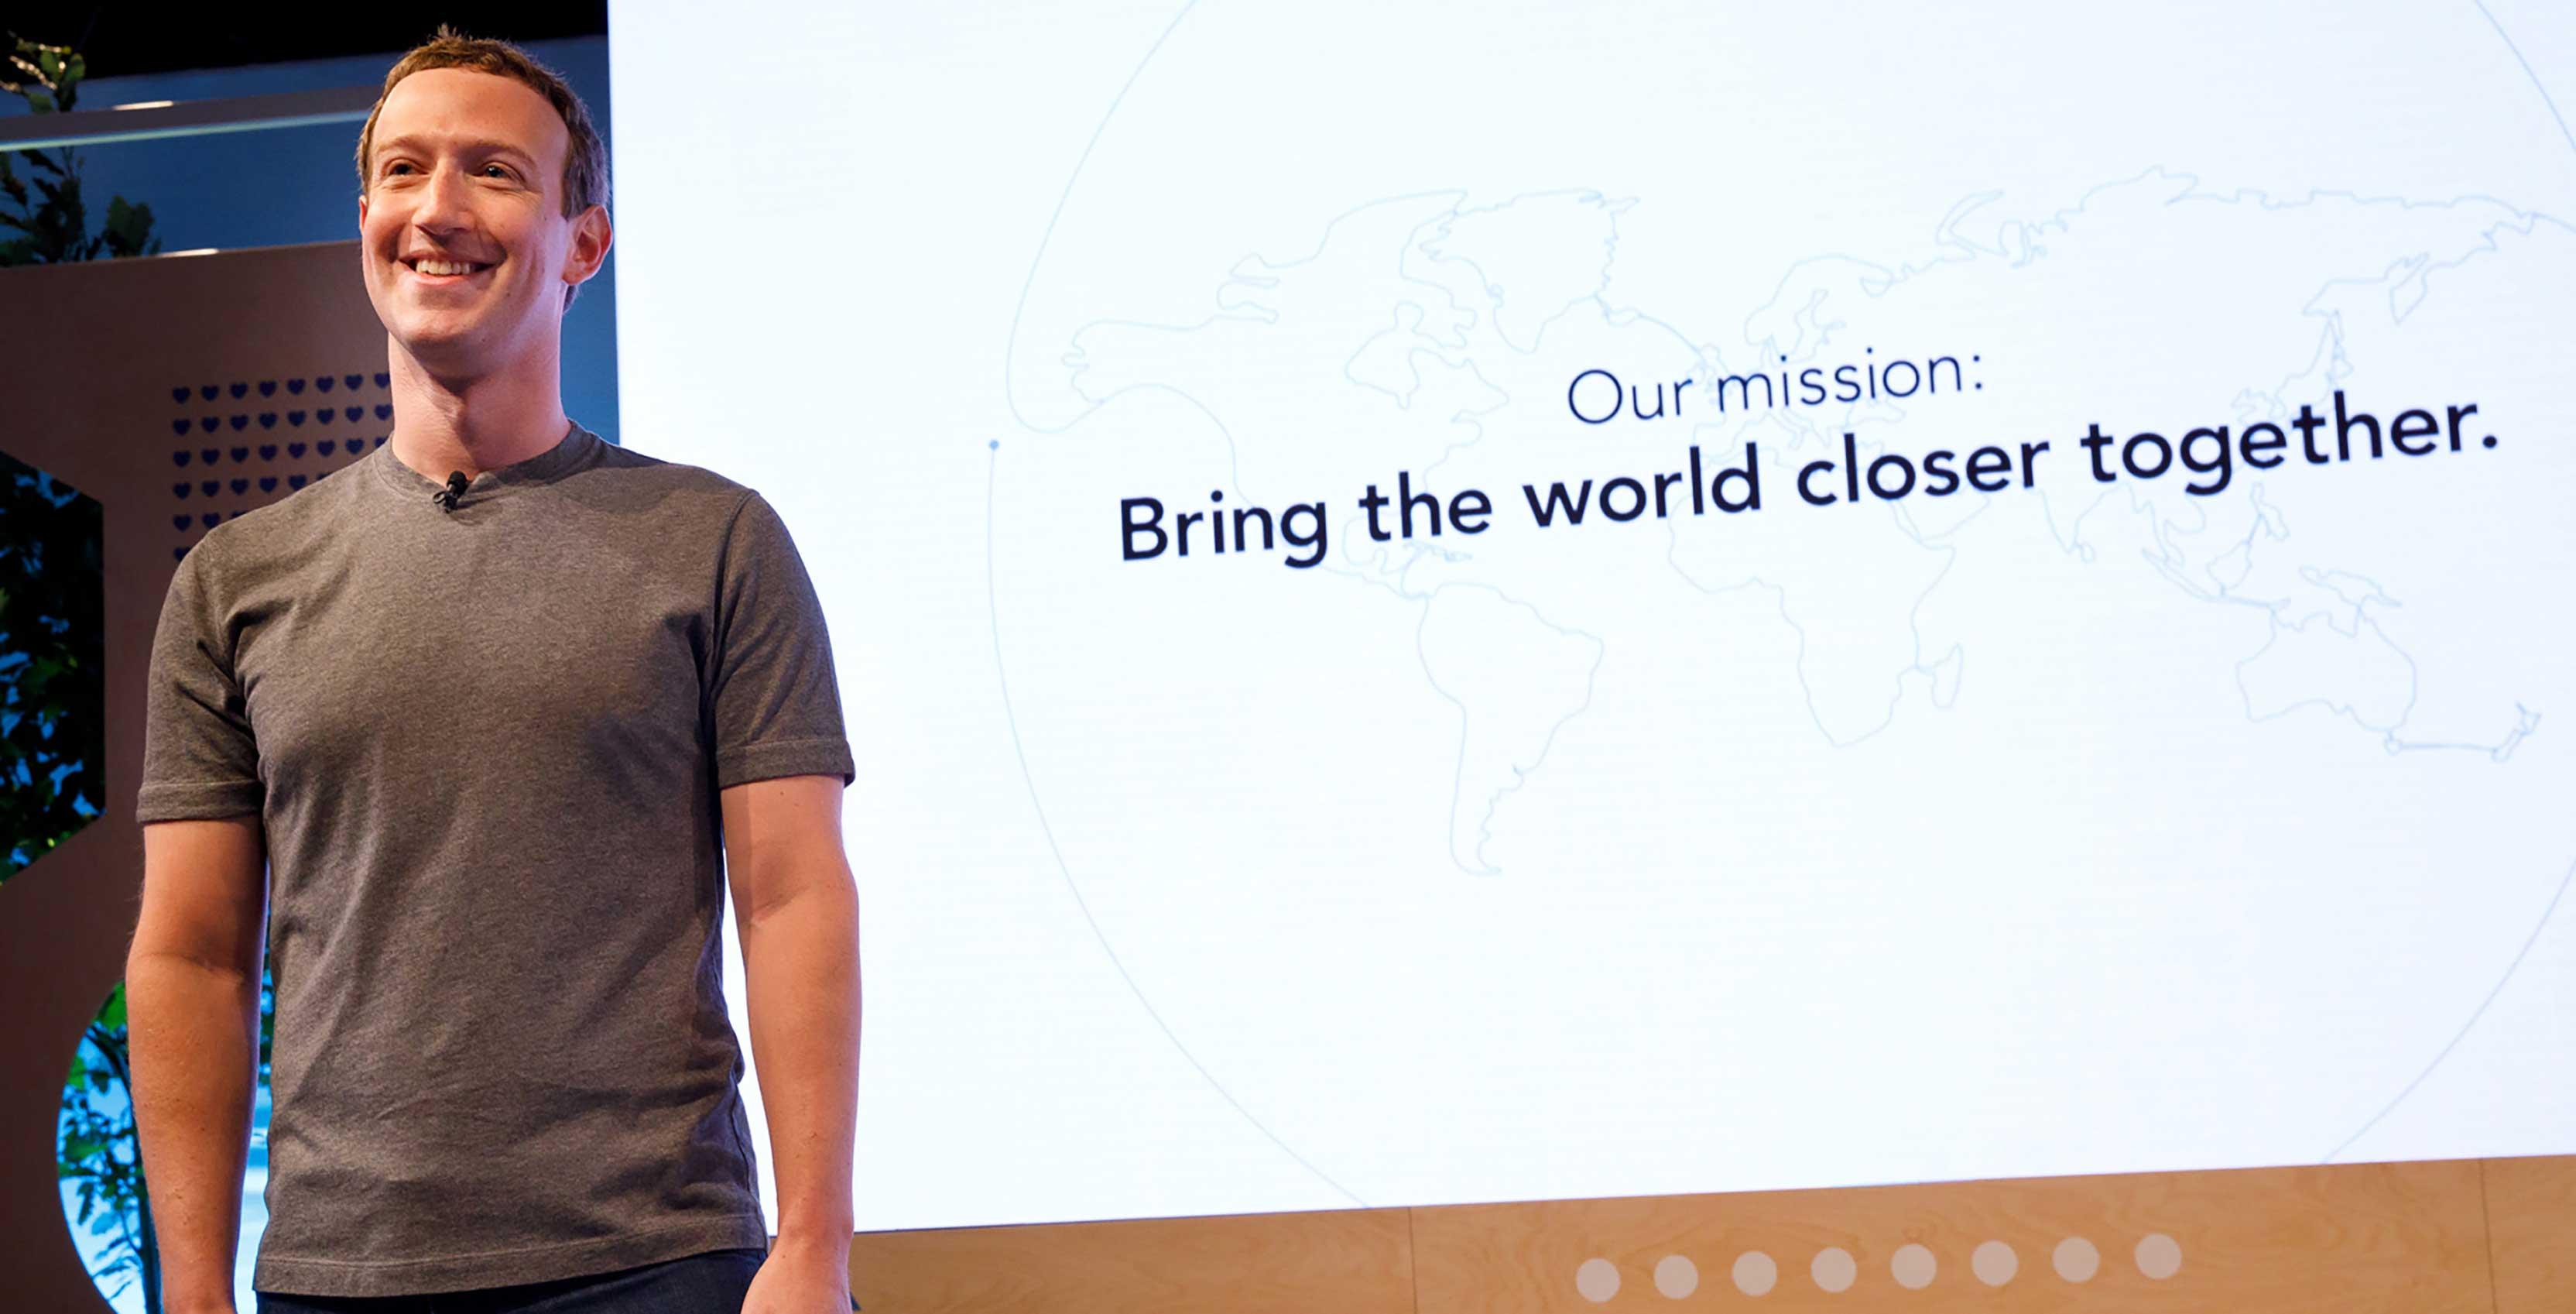 Facebook Mark Zuckerberg presentation